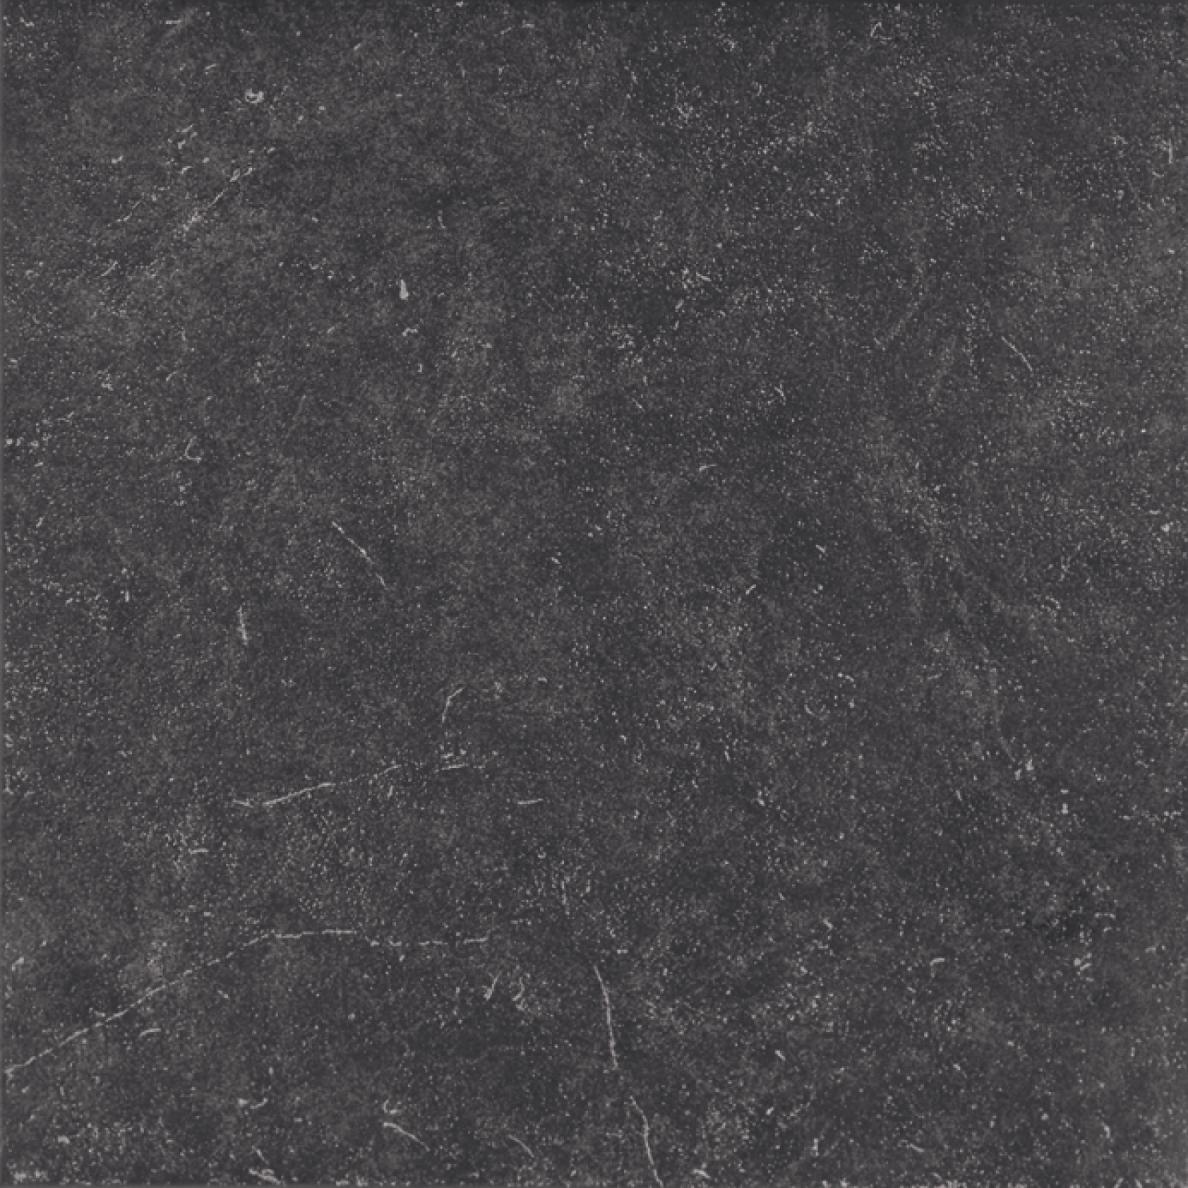 地面瓷砖贴图素材